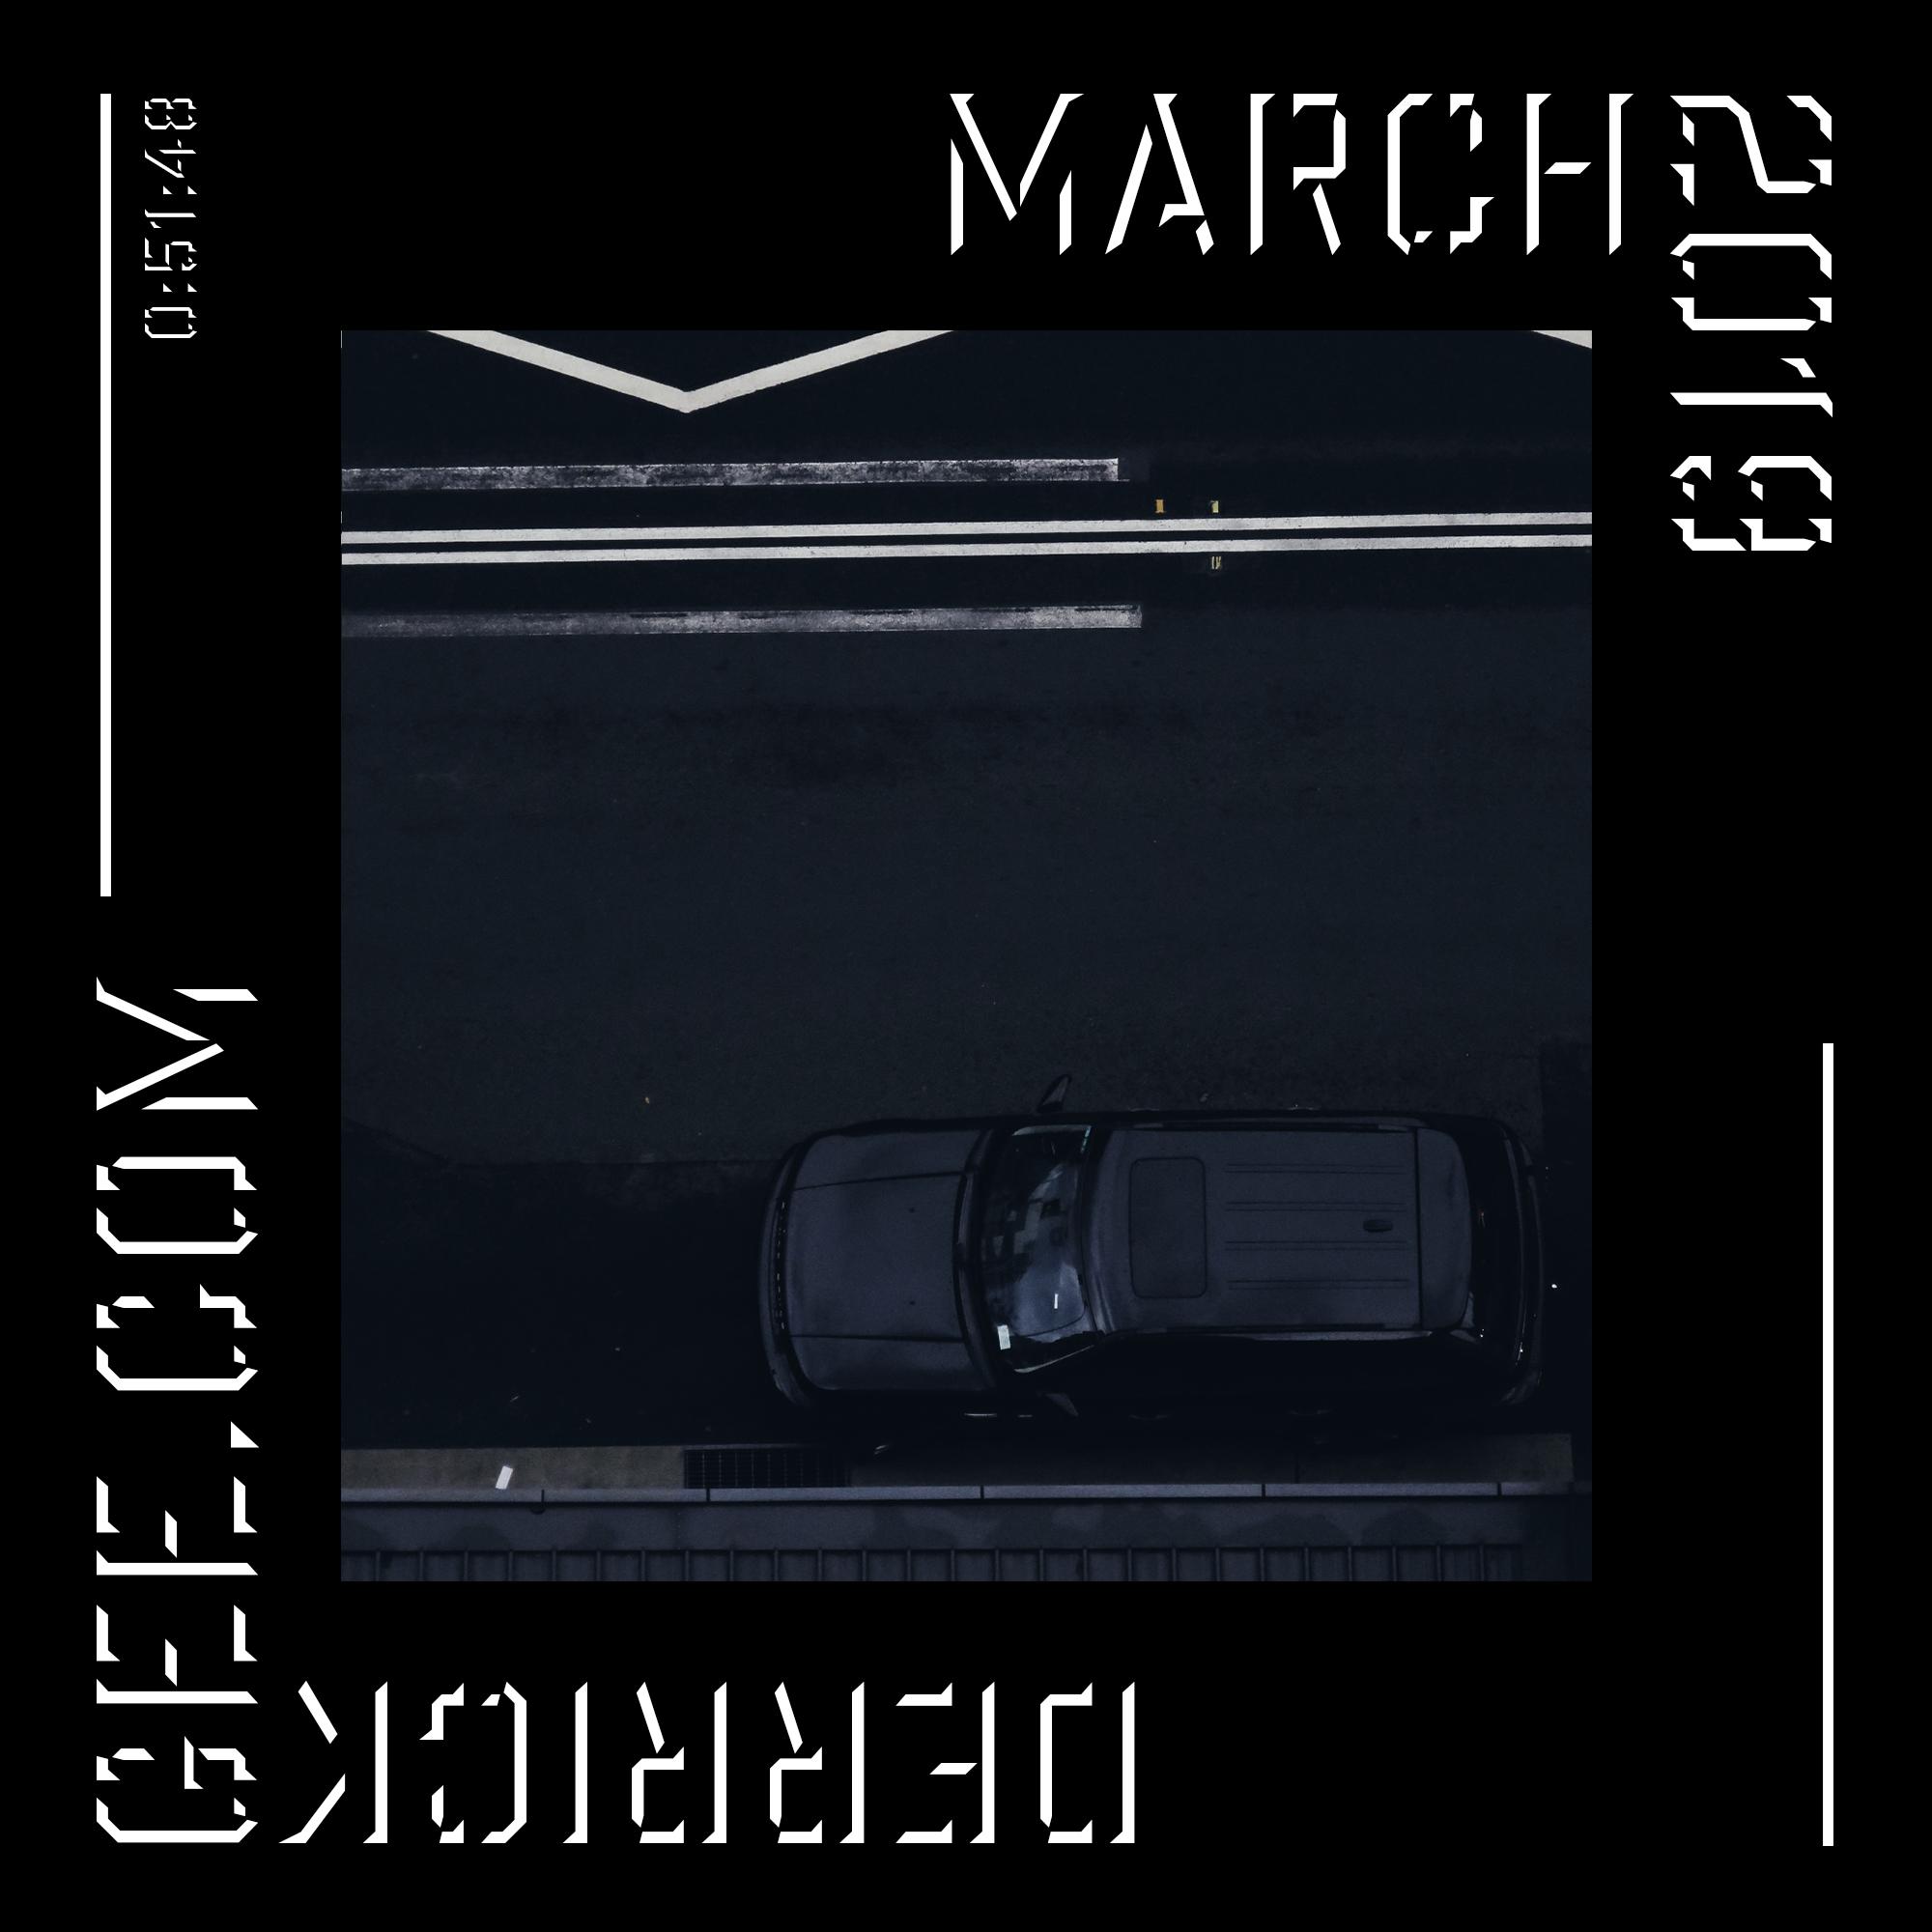 2019_March Part 2.jpg